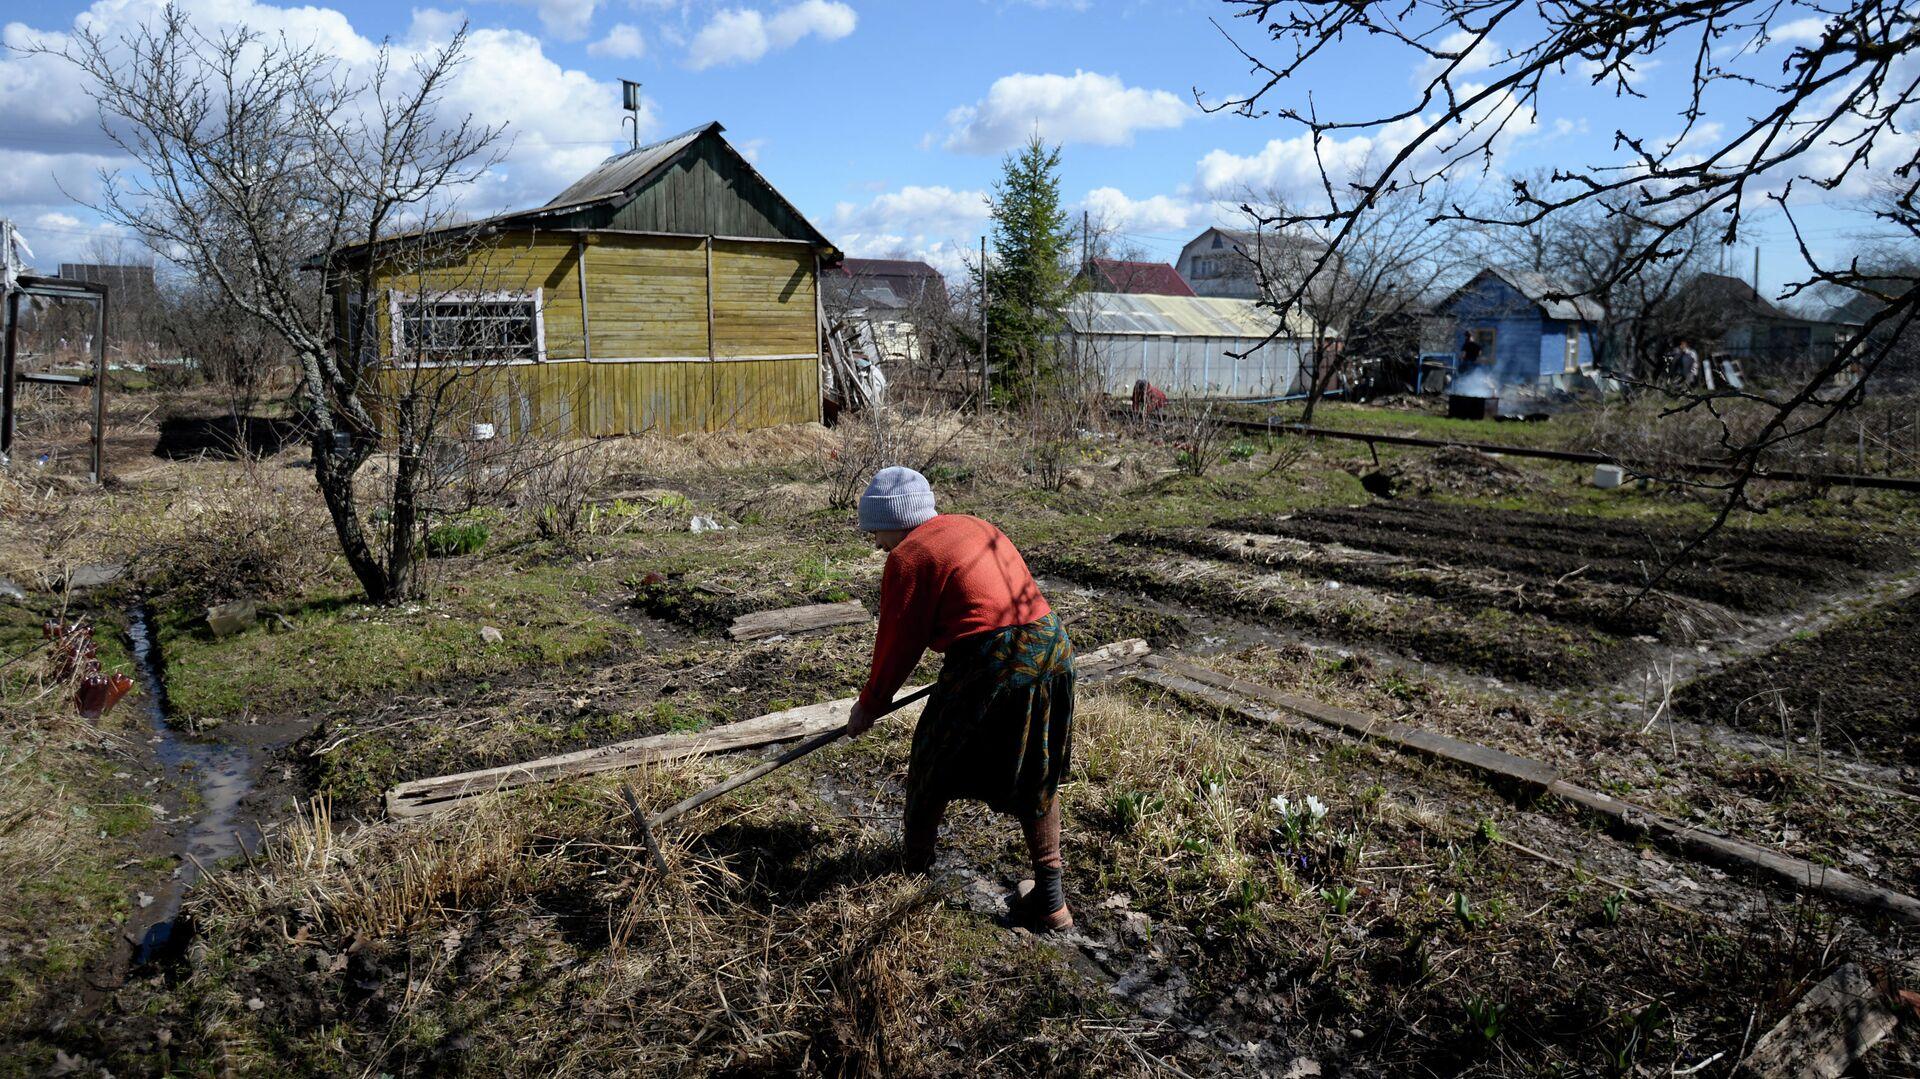 Дачница работает на приусадебном участке - РИА Новости, 1920, 03.11.2020